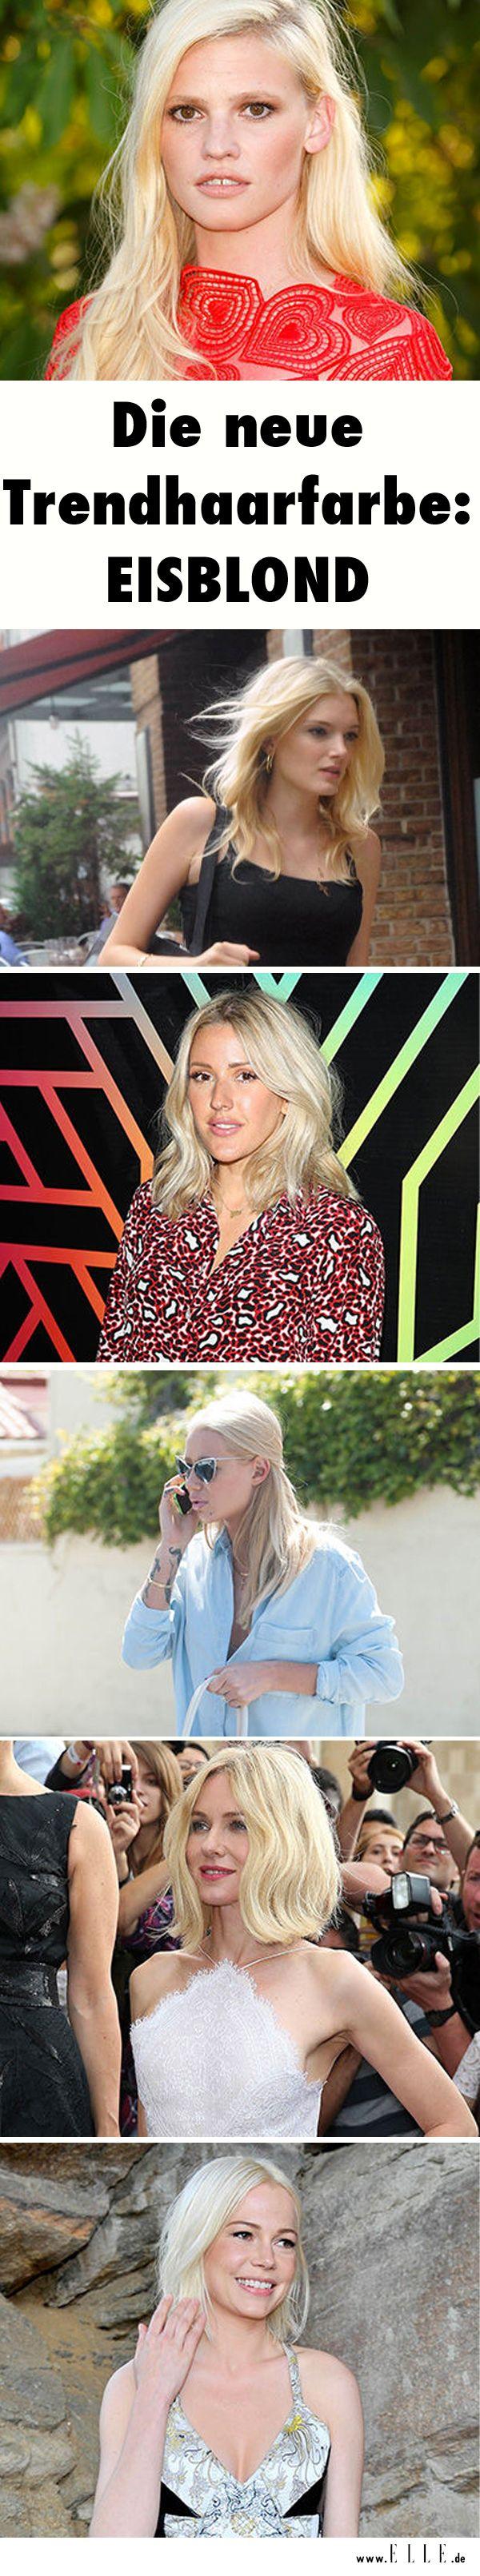 Bronde und Ombré, rutscht rüber – die neue Trendhaarfarbe heißt jetzt Eisblond! Stars wie Michelle Williams, Poppy Delevingne und Naomi Watts geben den Look vor. http://on.elle.de/1OpxD5E